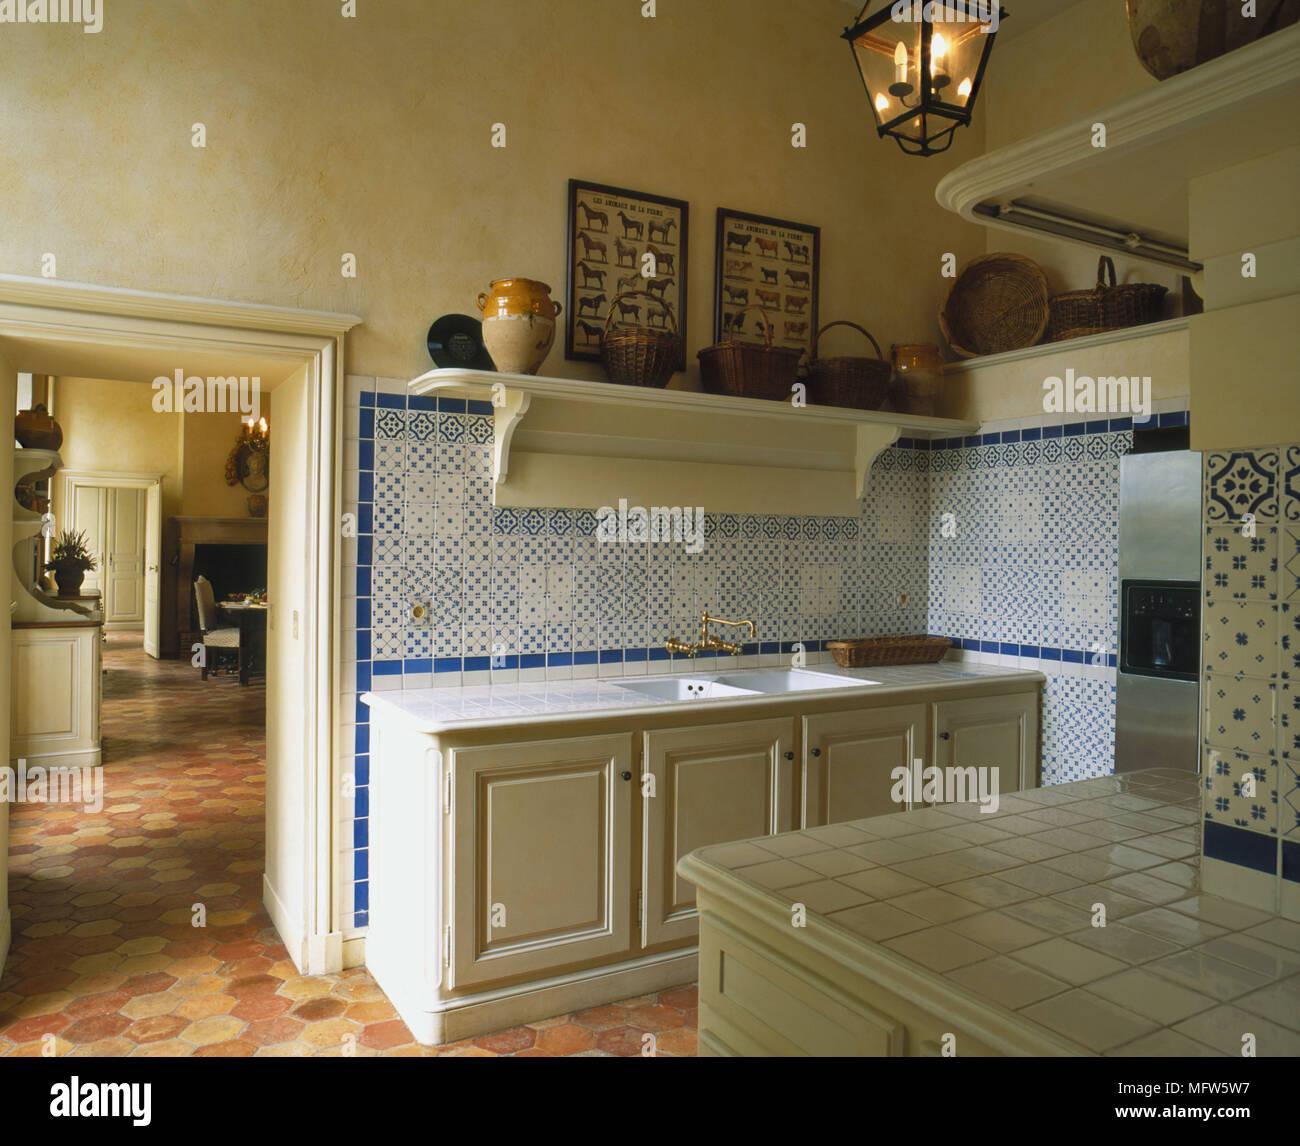 https www alamyimages fr une cuisine traditionnelle avec des unites peint jaune bleu carrelage mural lampe bougie haut travaux carrelage sol carrelage image181876947 html